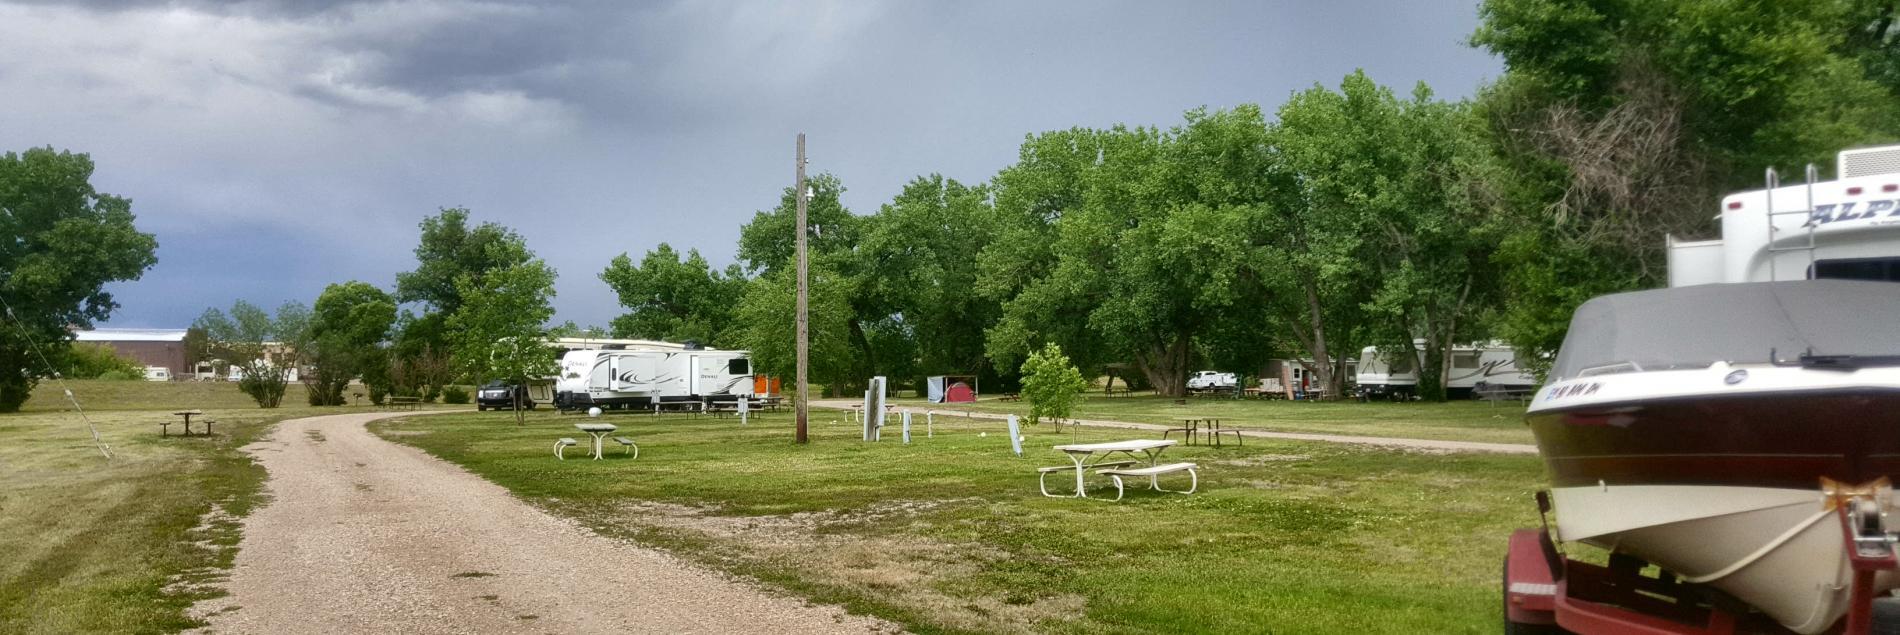 Riverside Campground & RV Park